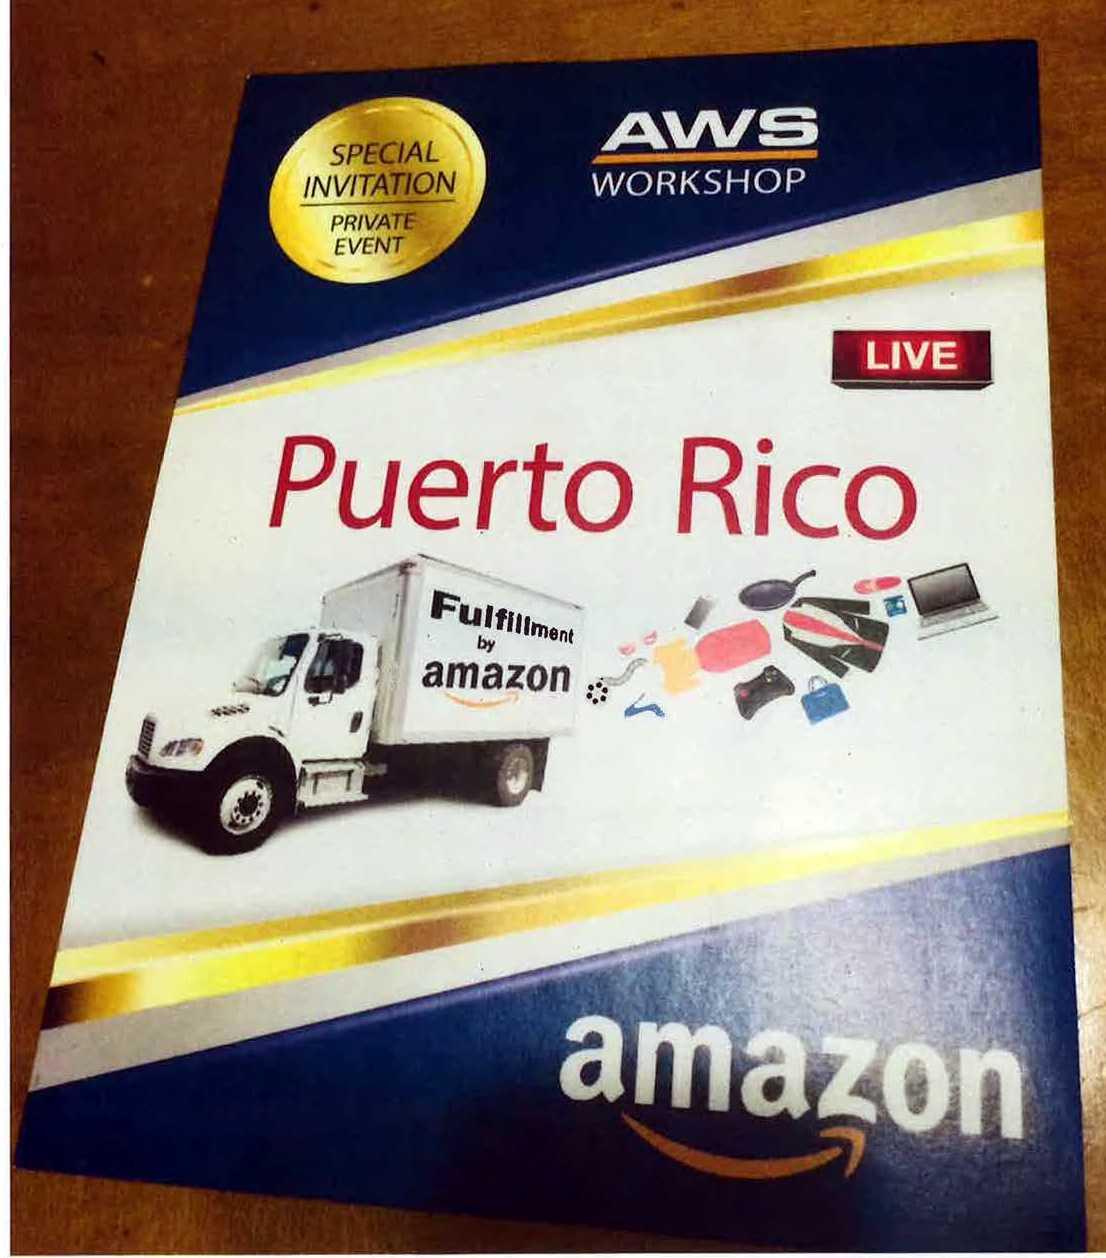 """Deckblatt einer """"Special Invitation"""" zu einem """"Private Event"""" in Puerto Rico, mit Amazon-LKW und Amaon-Schriftzug"""